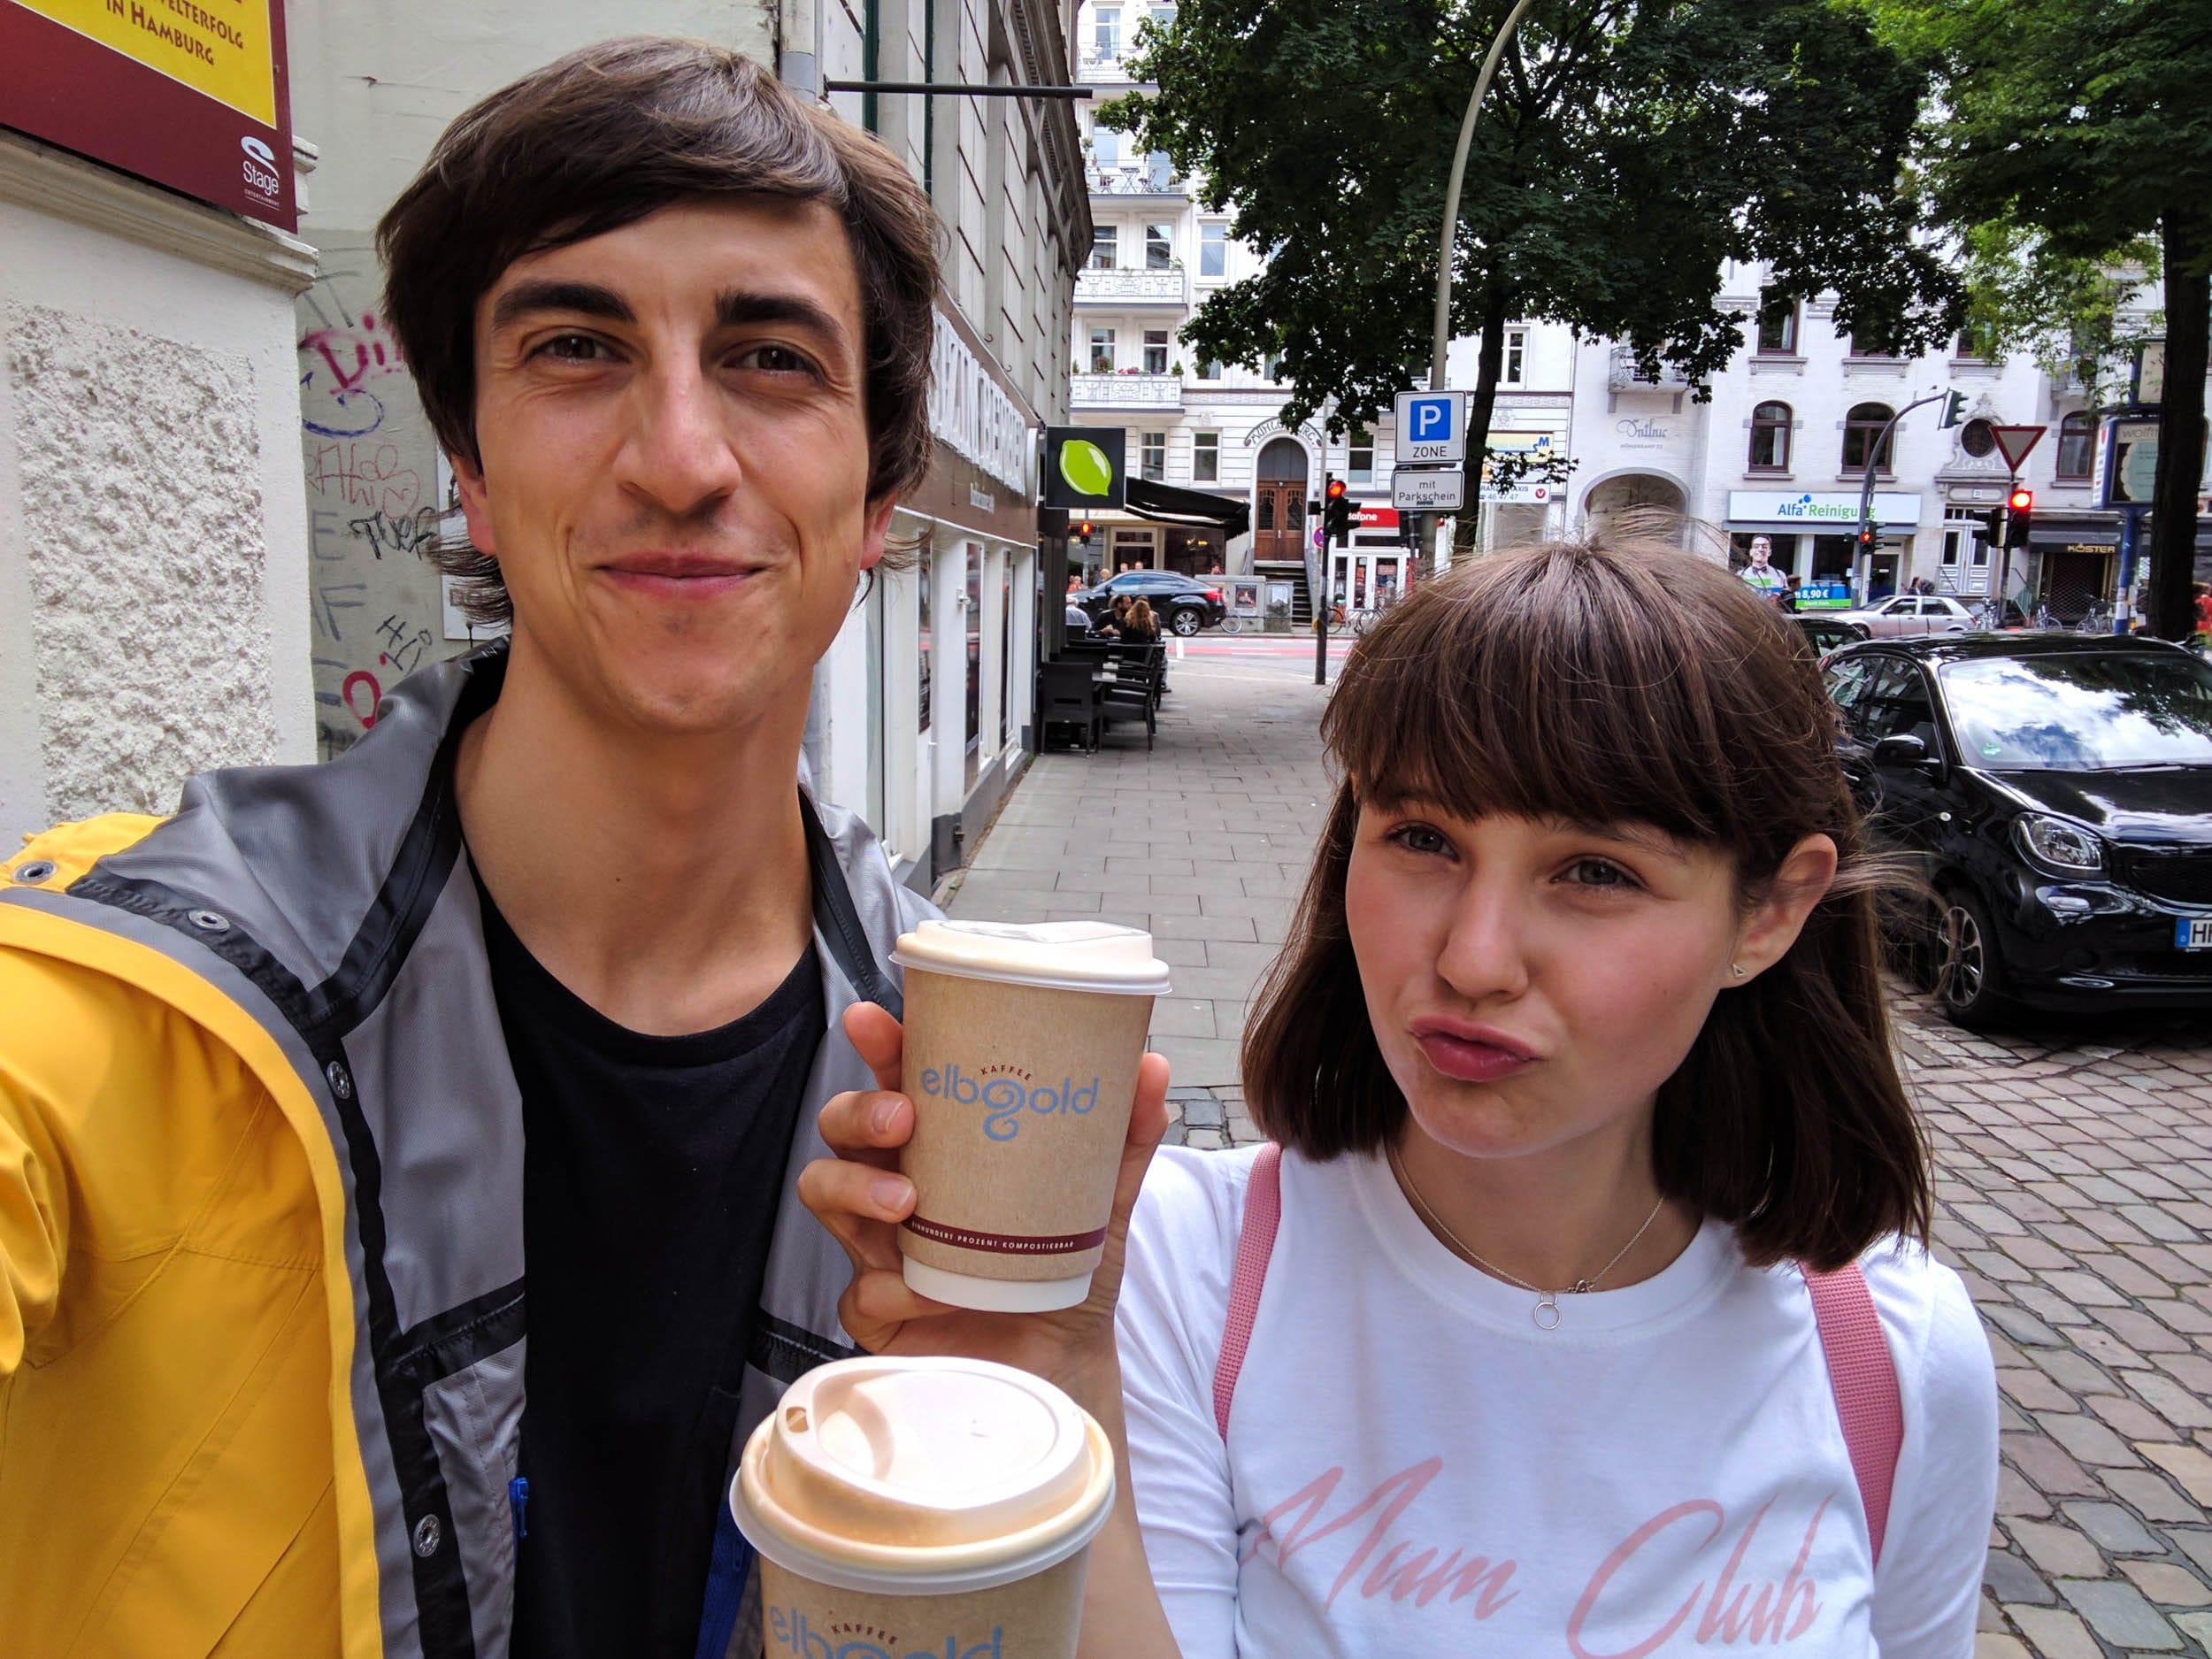 Wochenende in Bildern | 01. und 02. Juli | WiB | Familienalltag in Hamburg